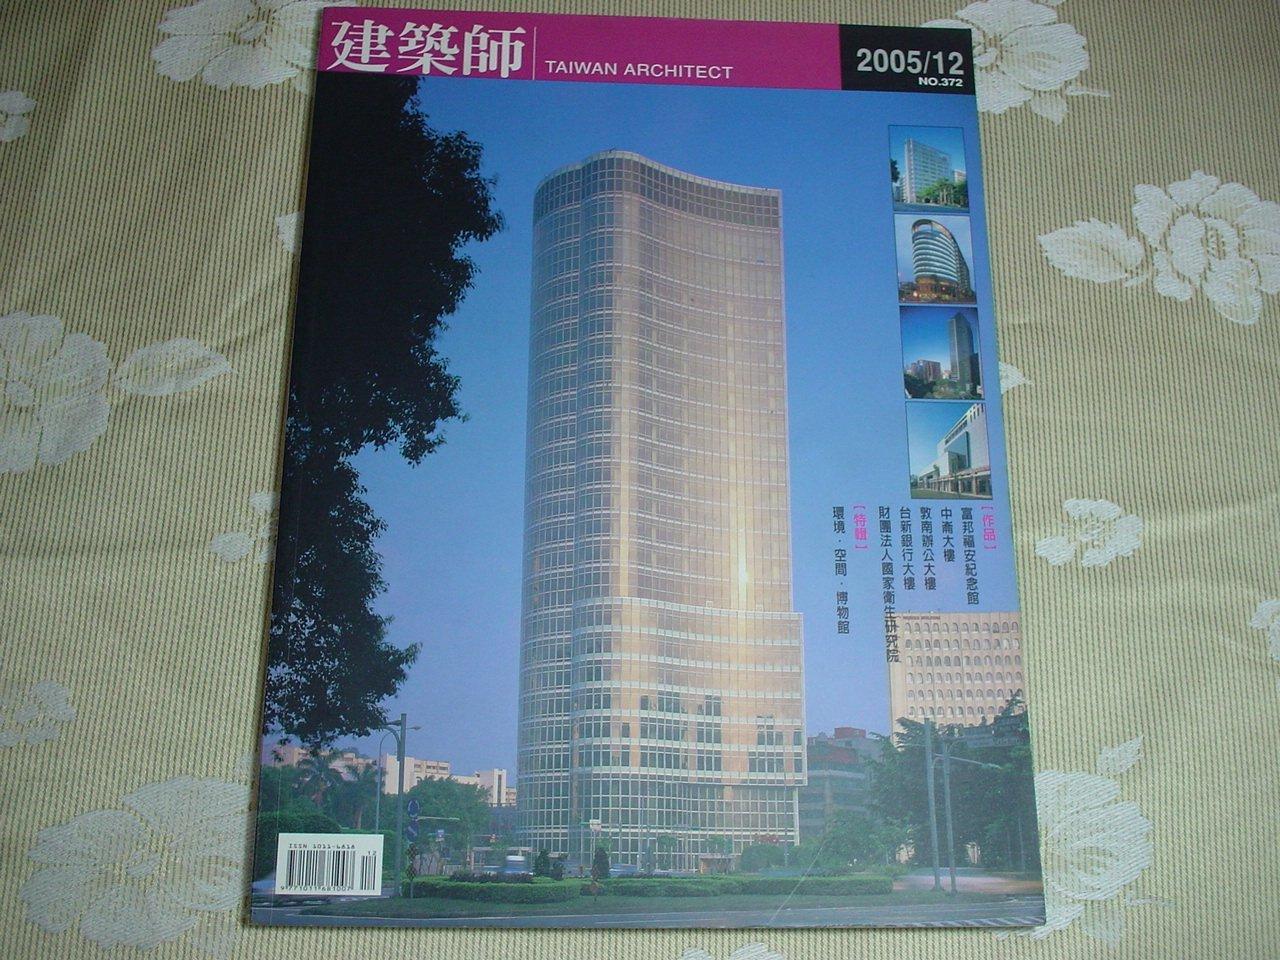 建築師 NO.372 2005年12月 《中崙大樓 敦南辦公大樓》 書況為實品拍攝,無標記,如新(如圖)【A1.74】